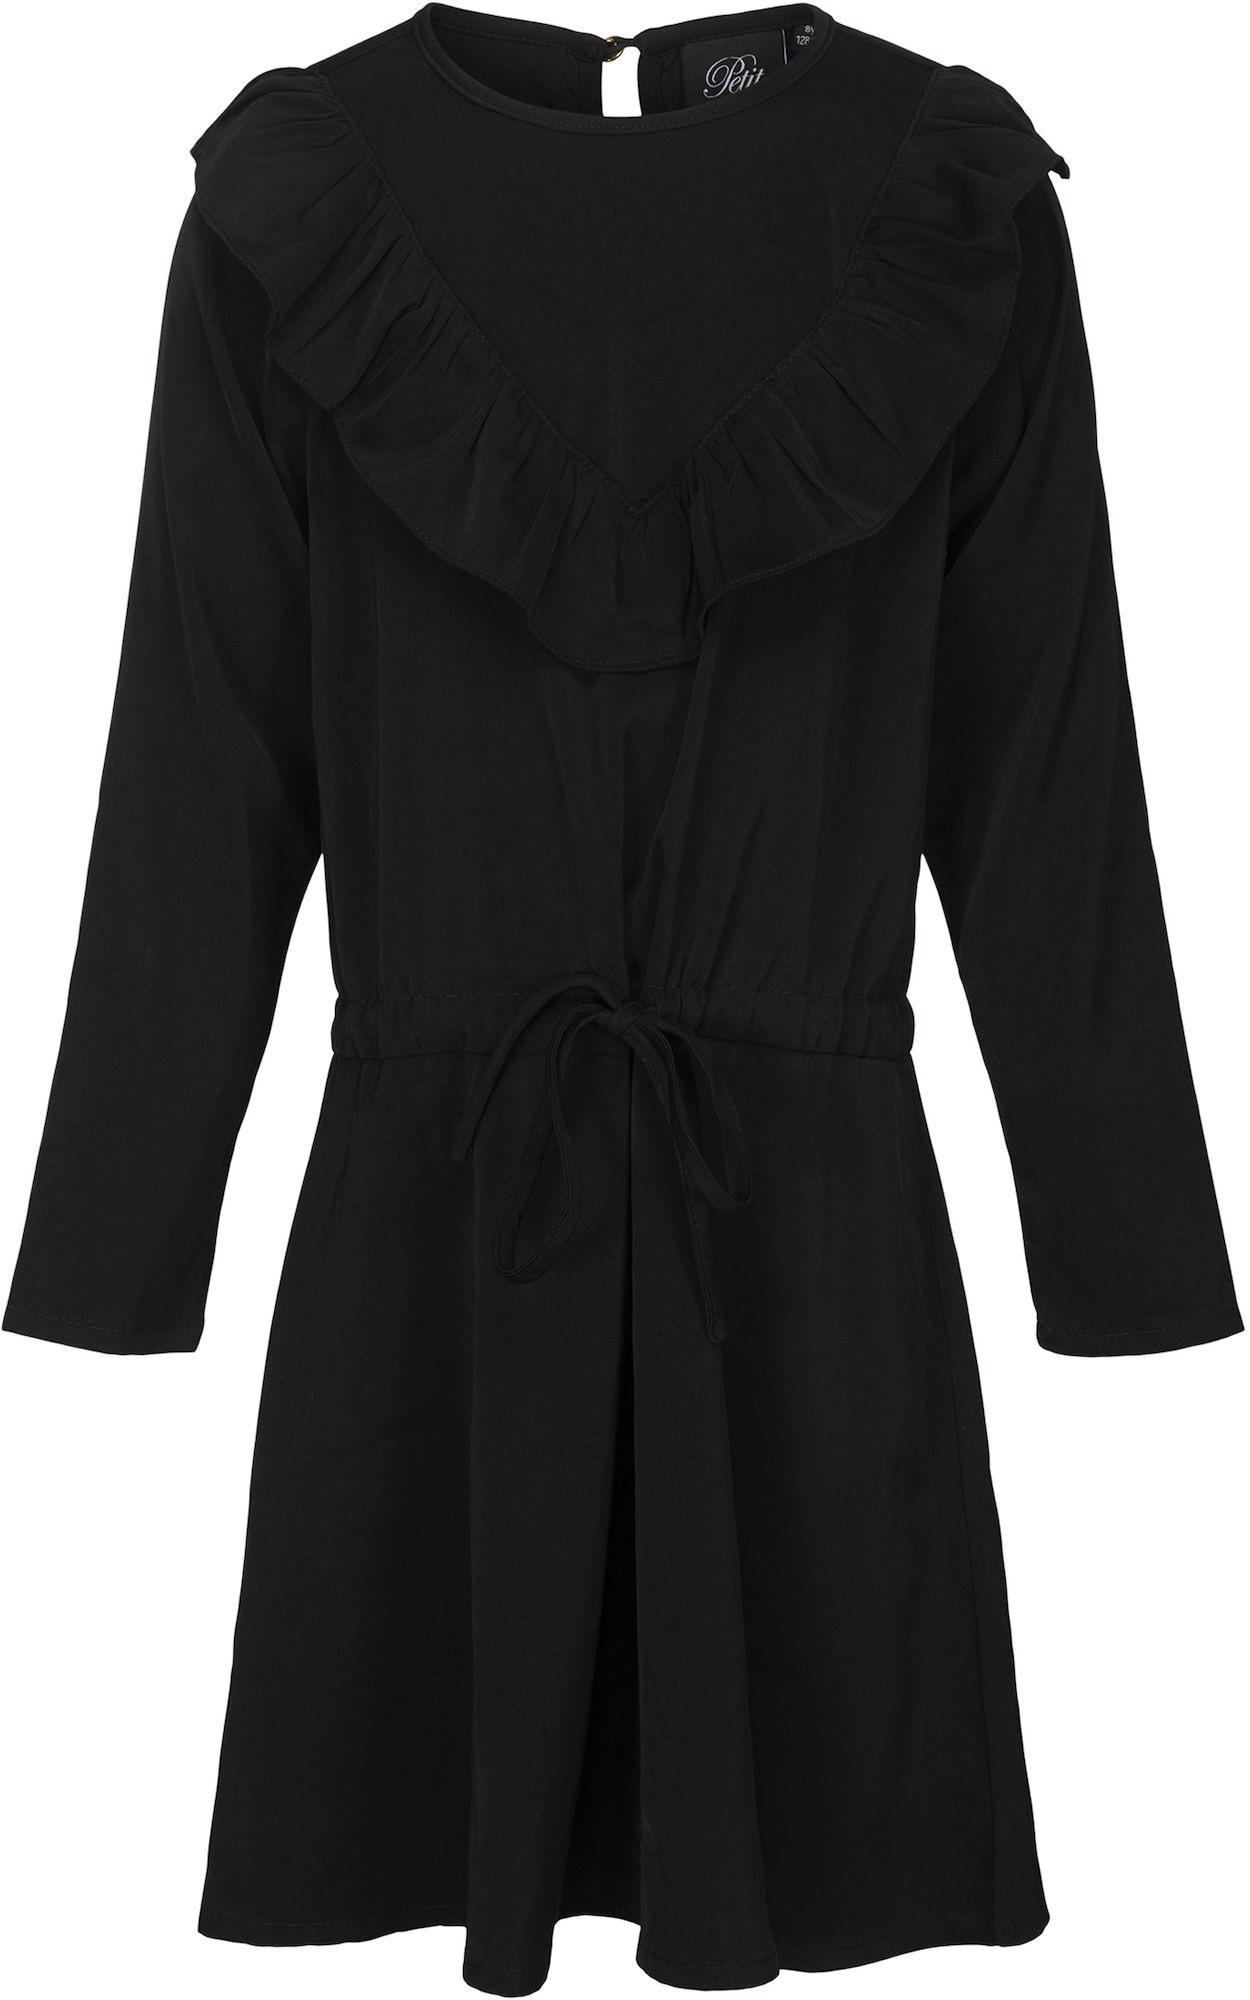 Kaufen Petitsofie Schnoor Kleid Black  Jollyroom